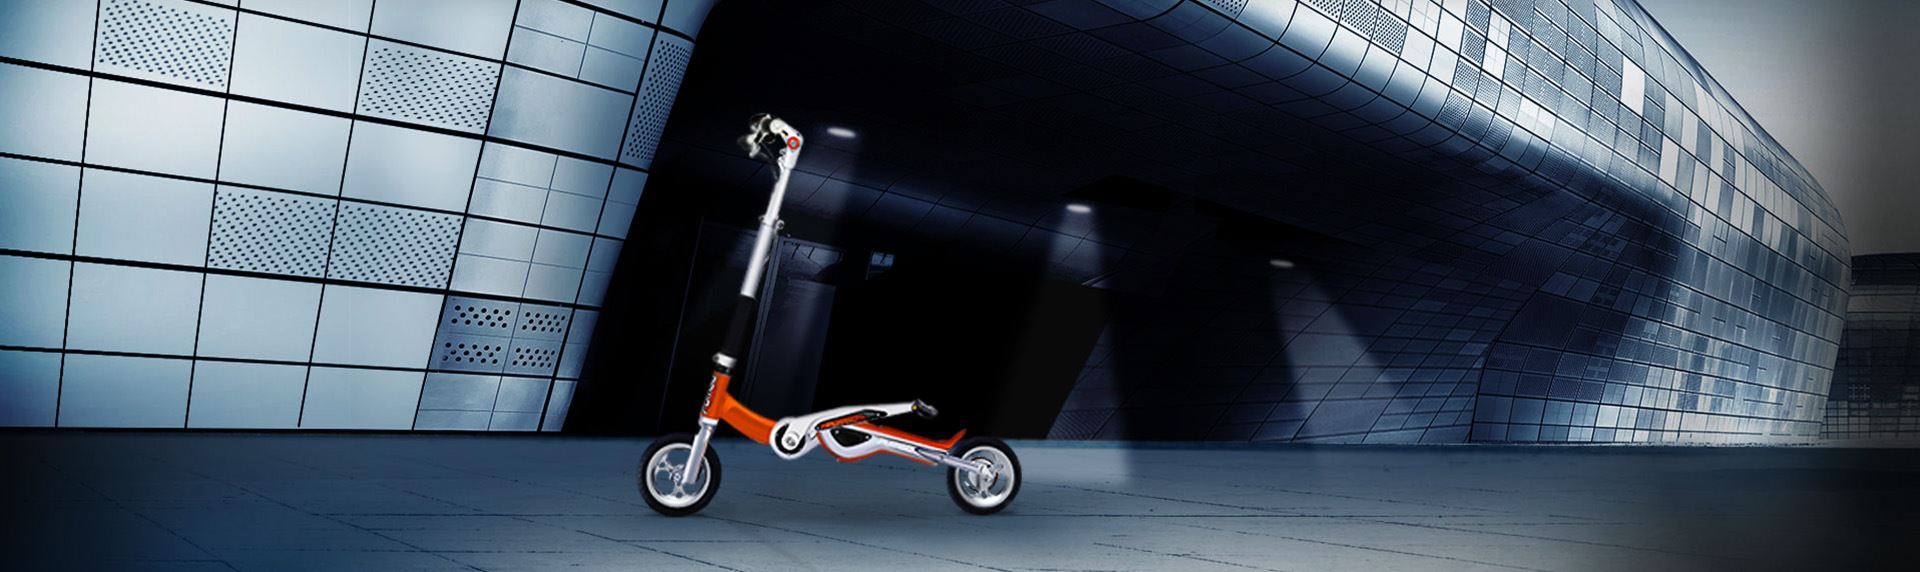 CMM新闻-踏步车